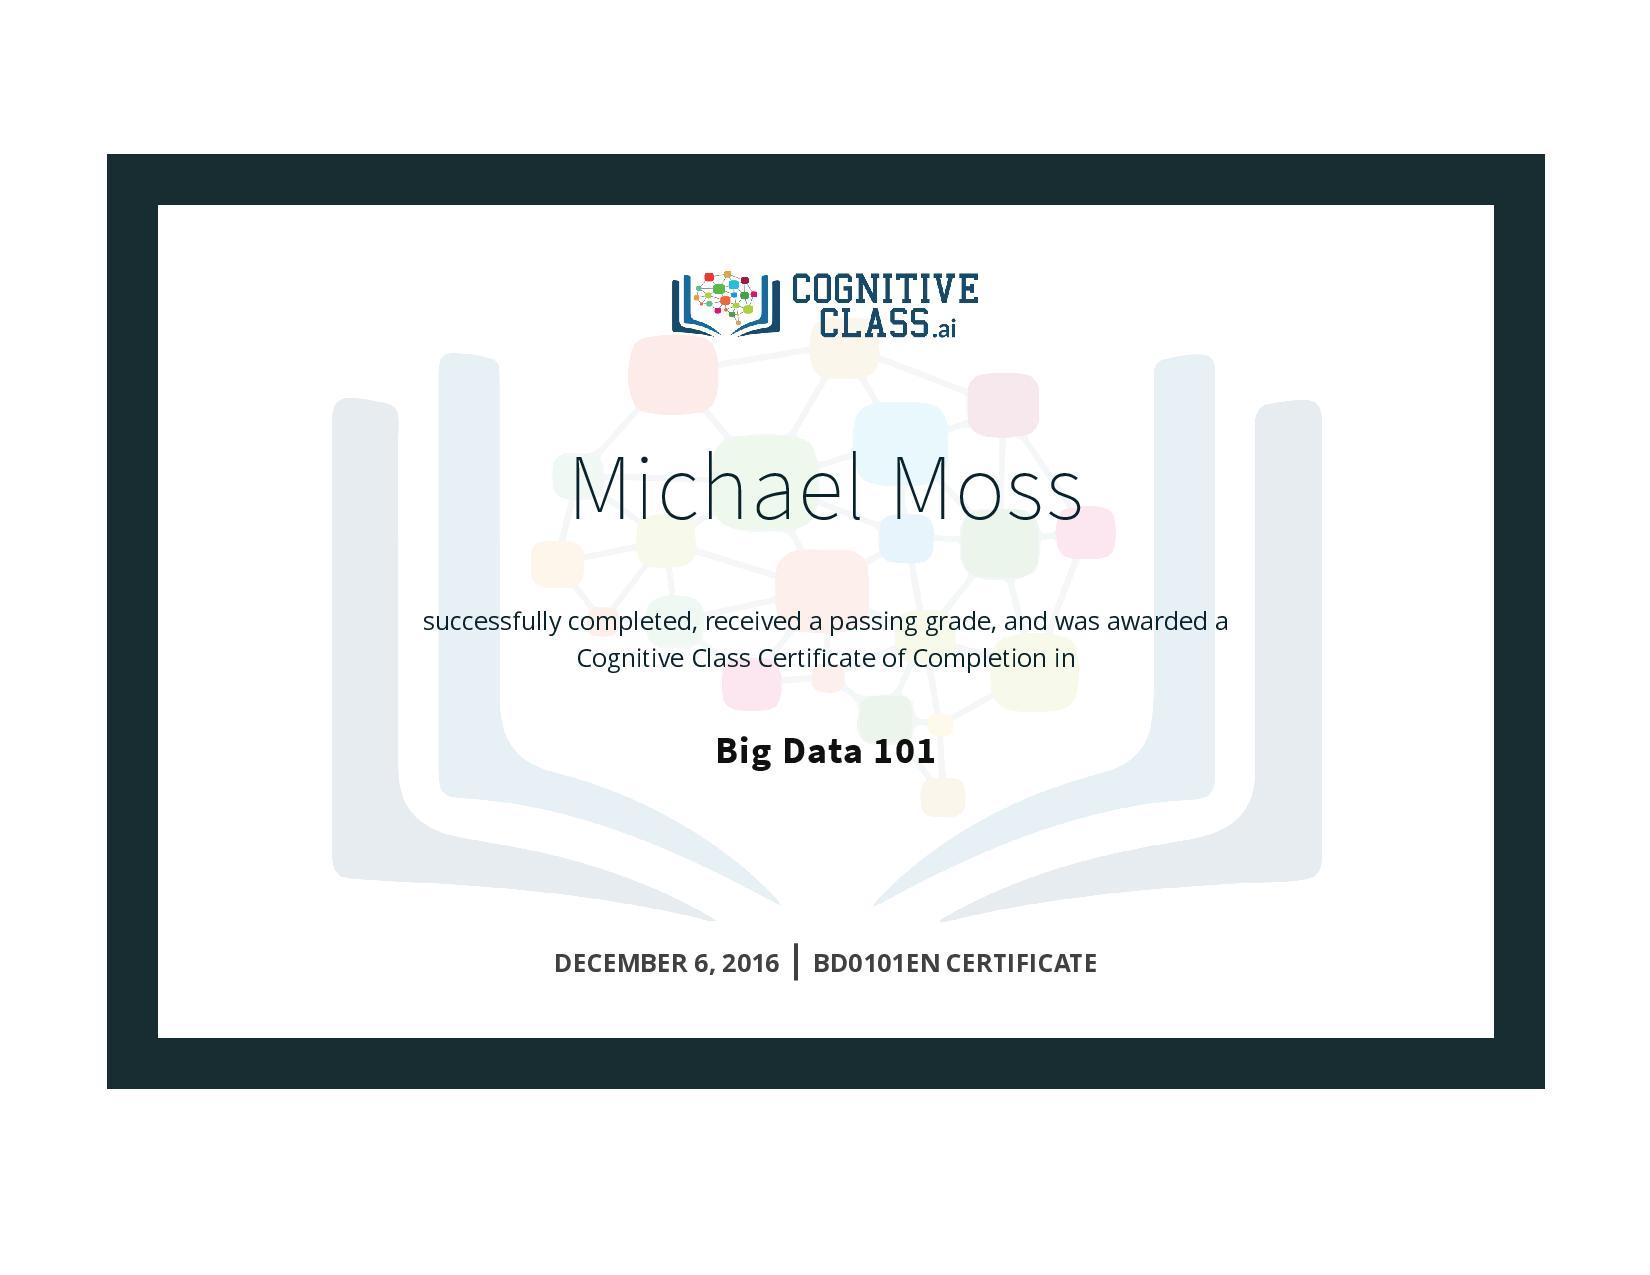 Big Data 101 Certificate